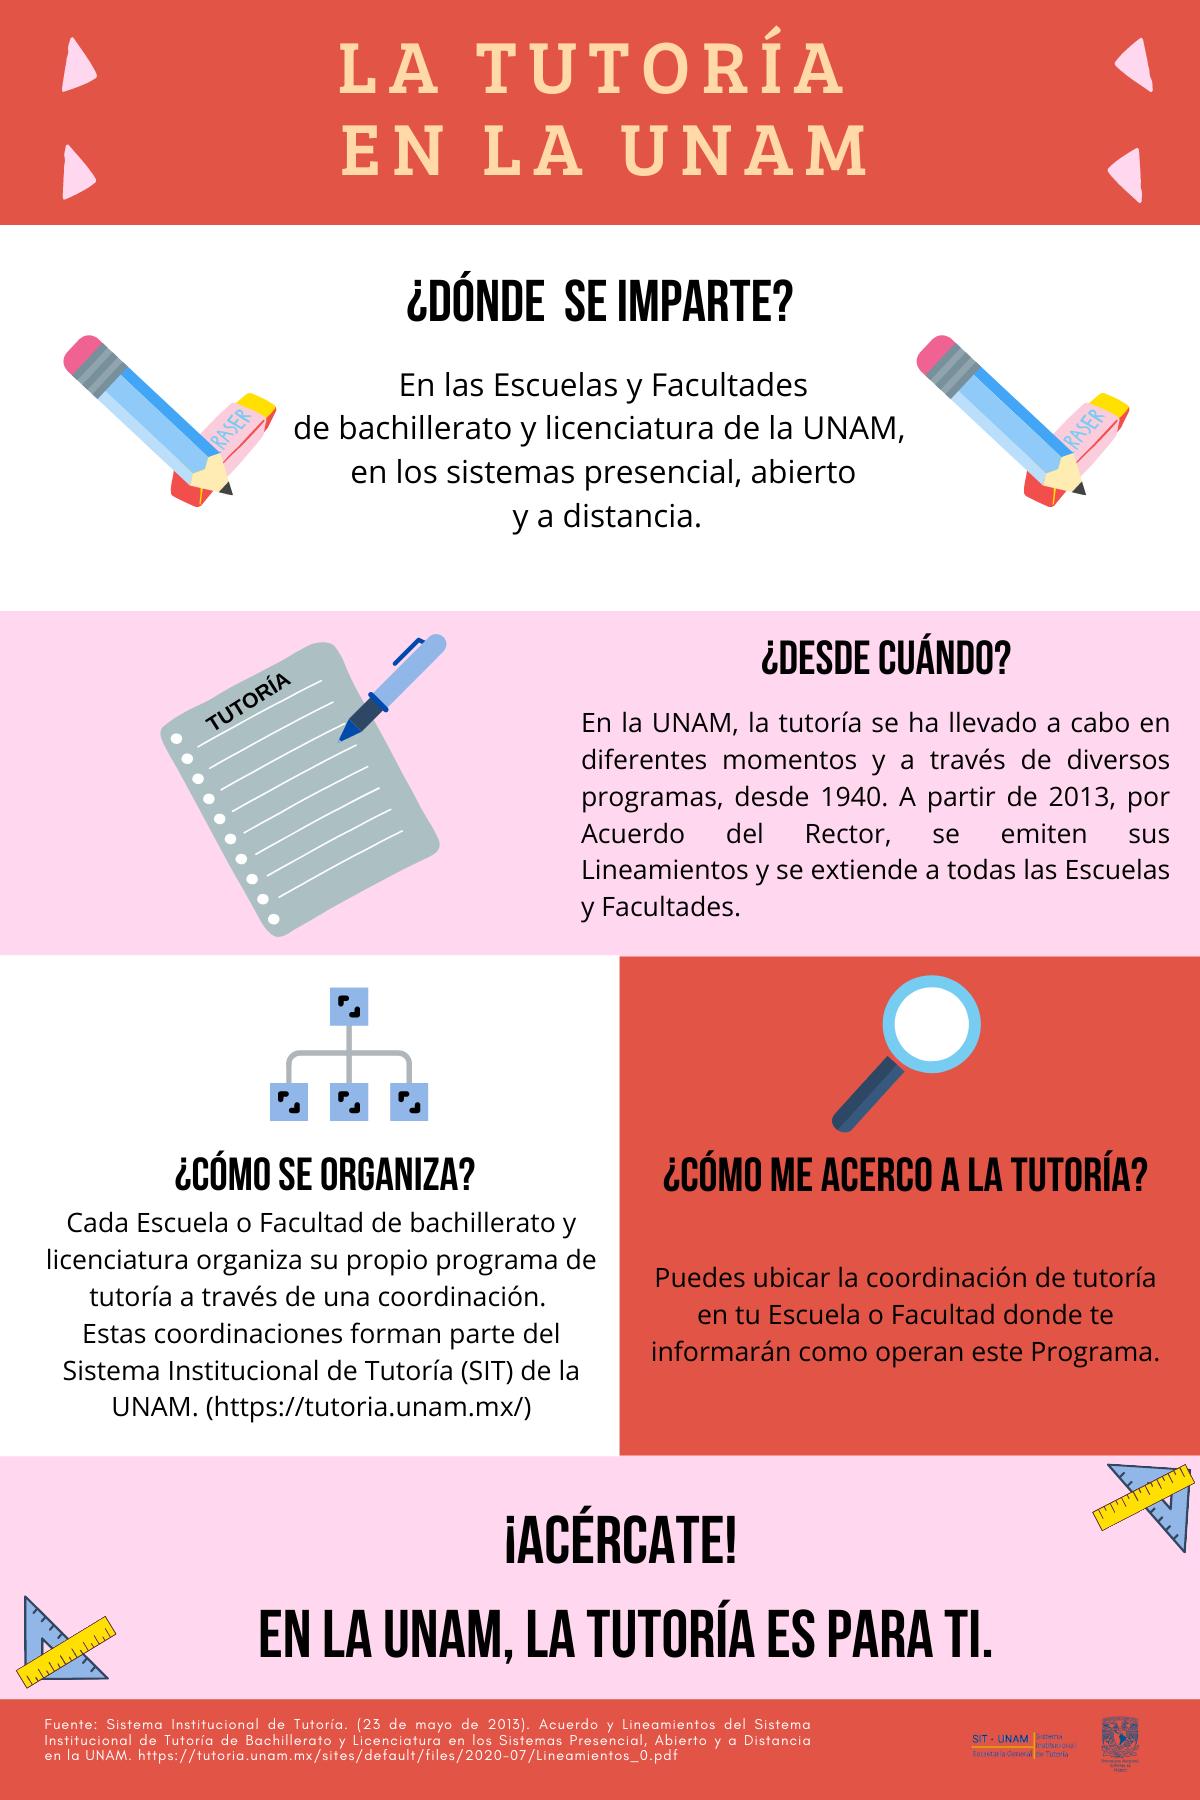 La_tutoría_en_la_UNAM